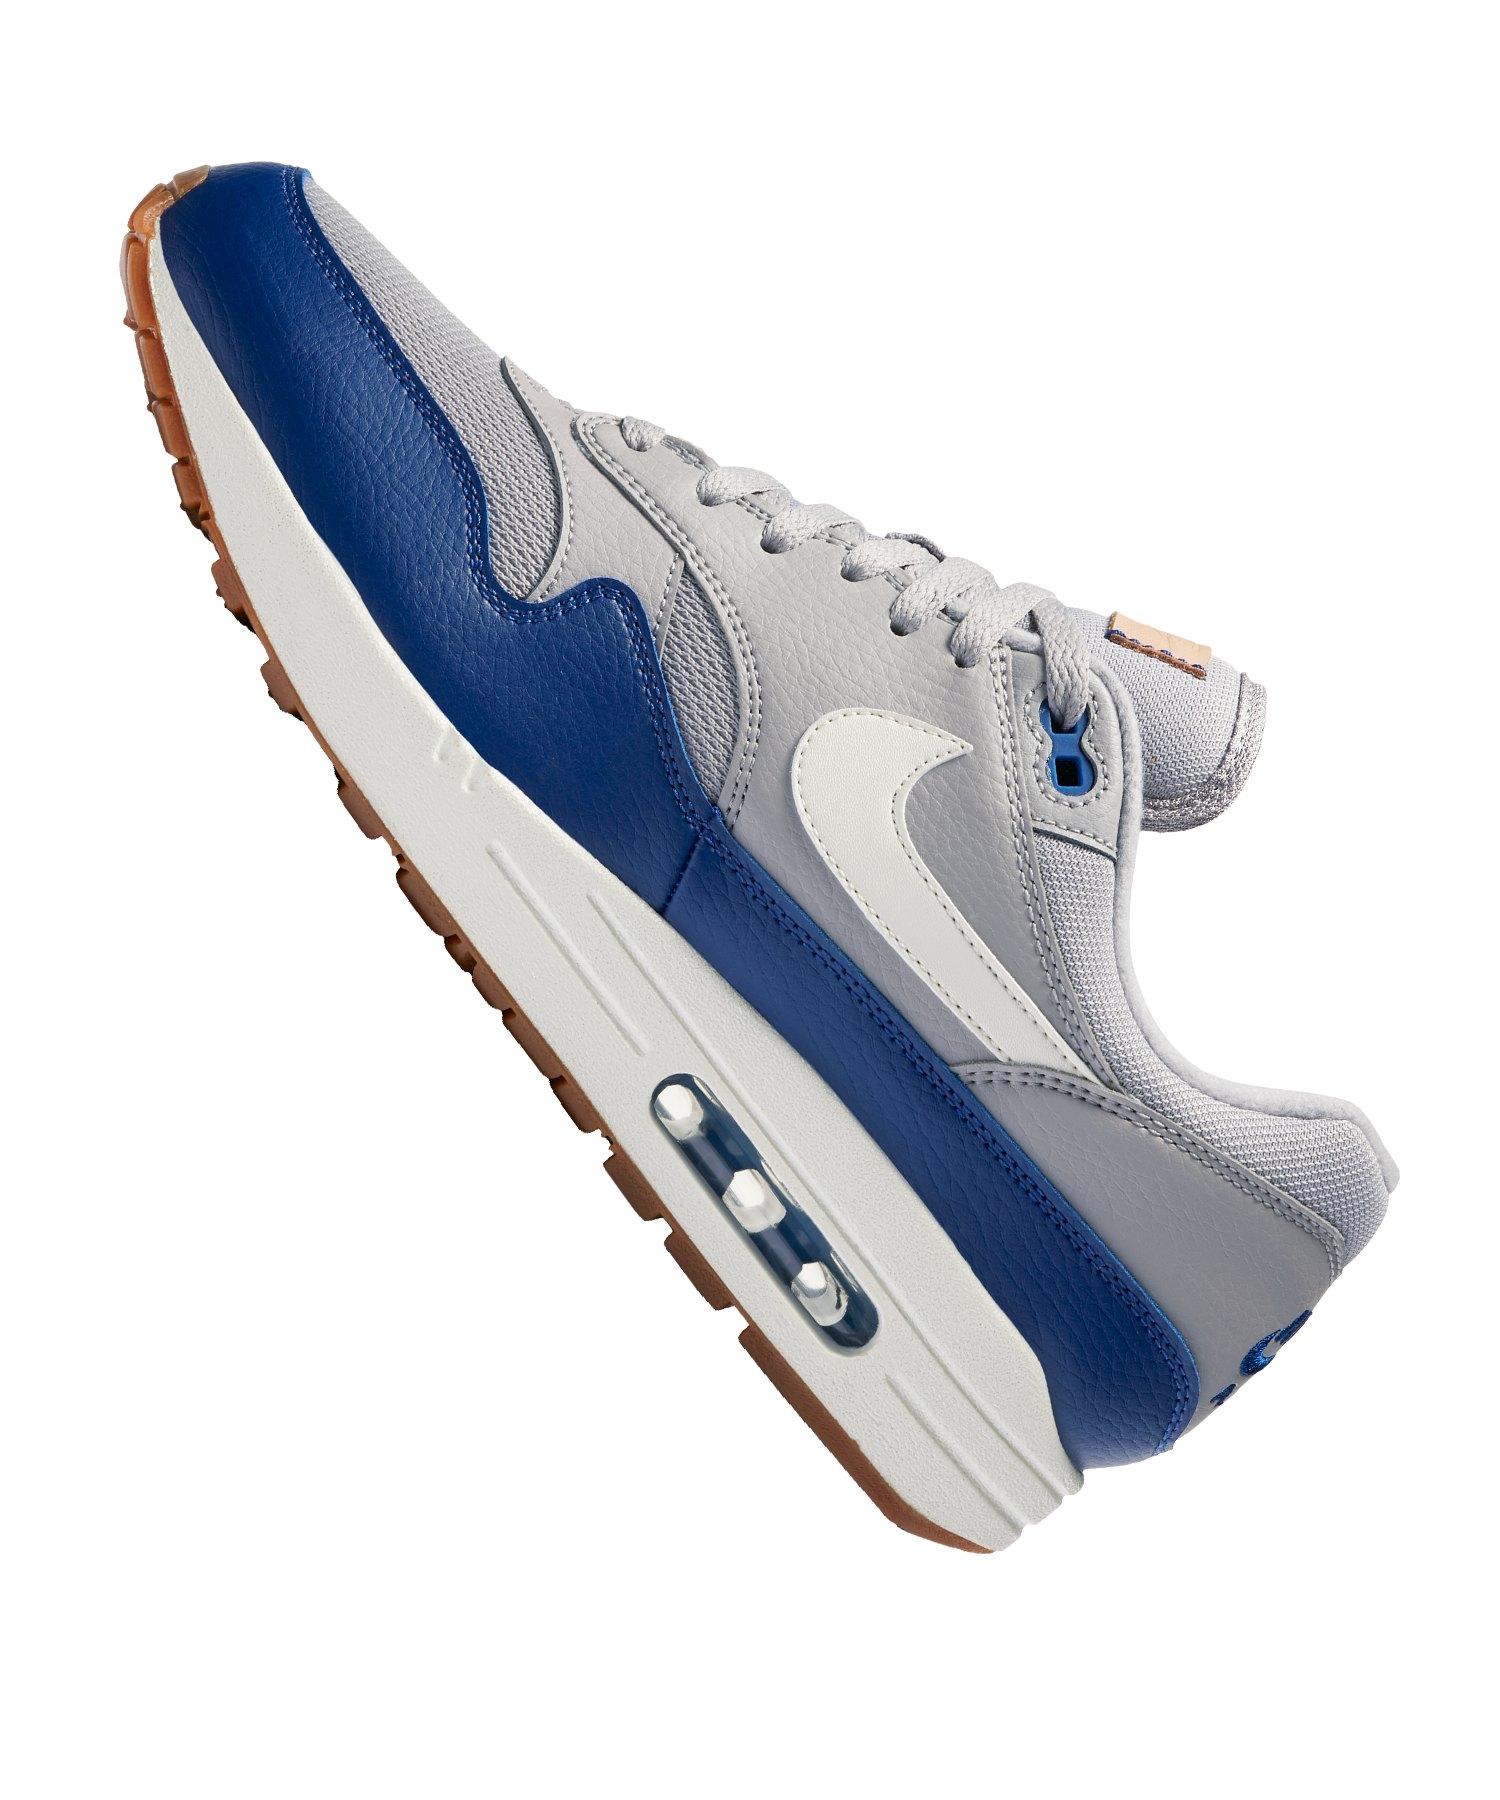 Nike Air Max 1 Sneaker Grau Blau F008  Streetstyle   Freizeit ... 113b89929a